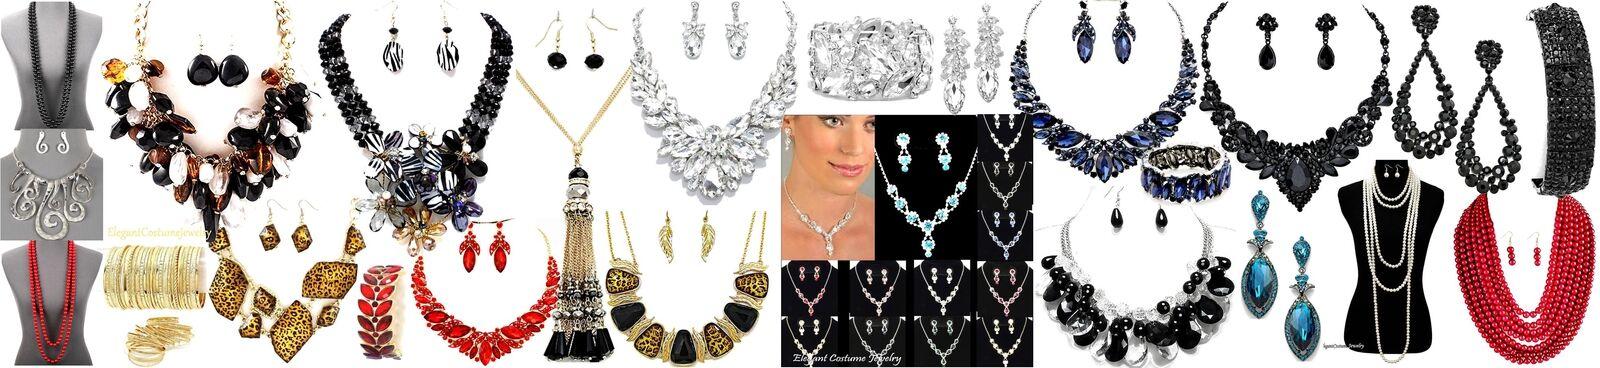 Elegant Costume Jewelry